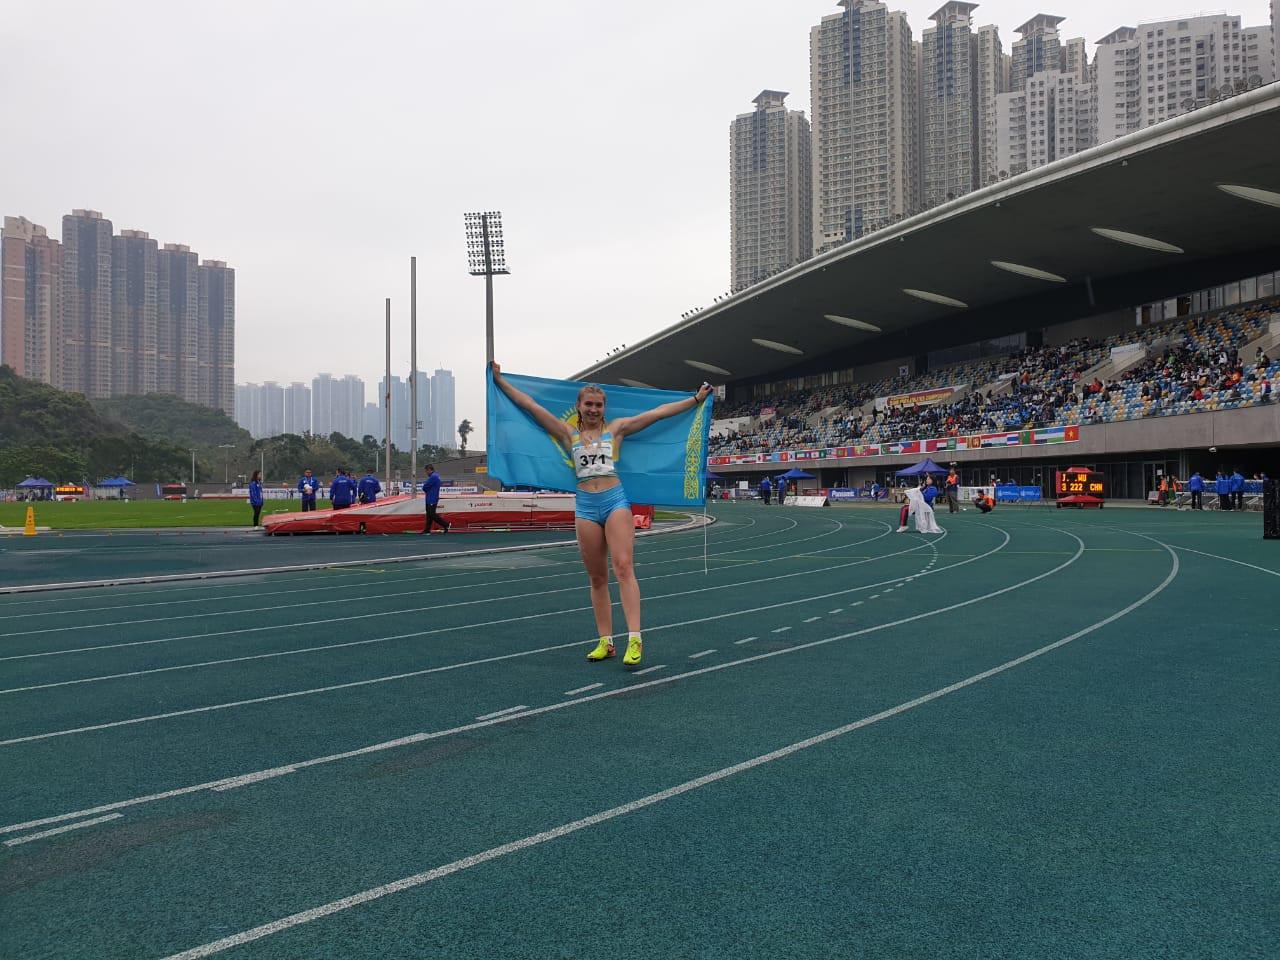 Золото и серебро взяли казахстанки на чемпионате Азии U-18 по легкой атлетике, Казахстан, чемпионат Азии, U-18, Легкая атлетика